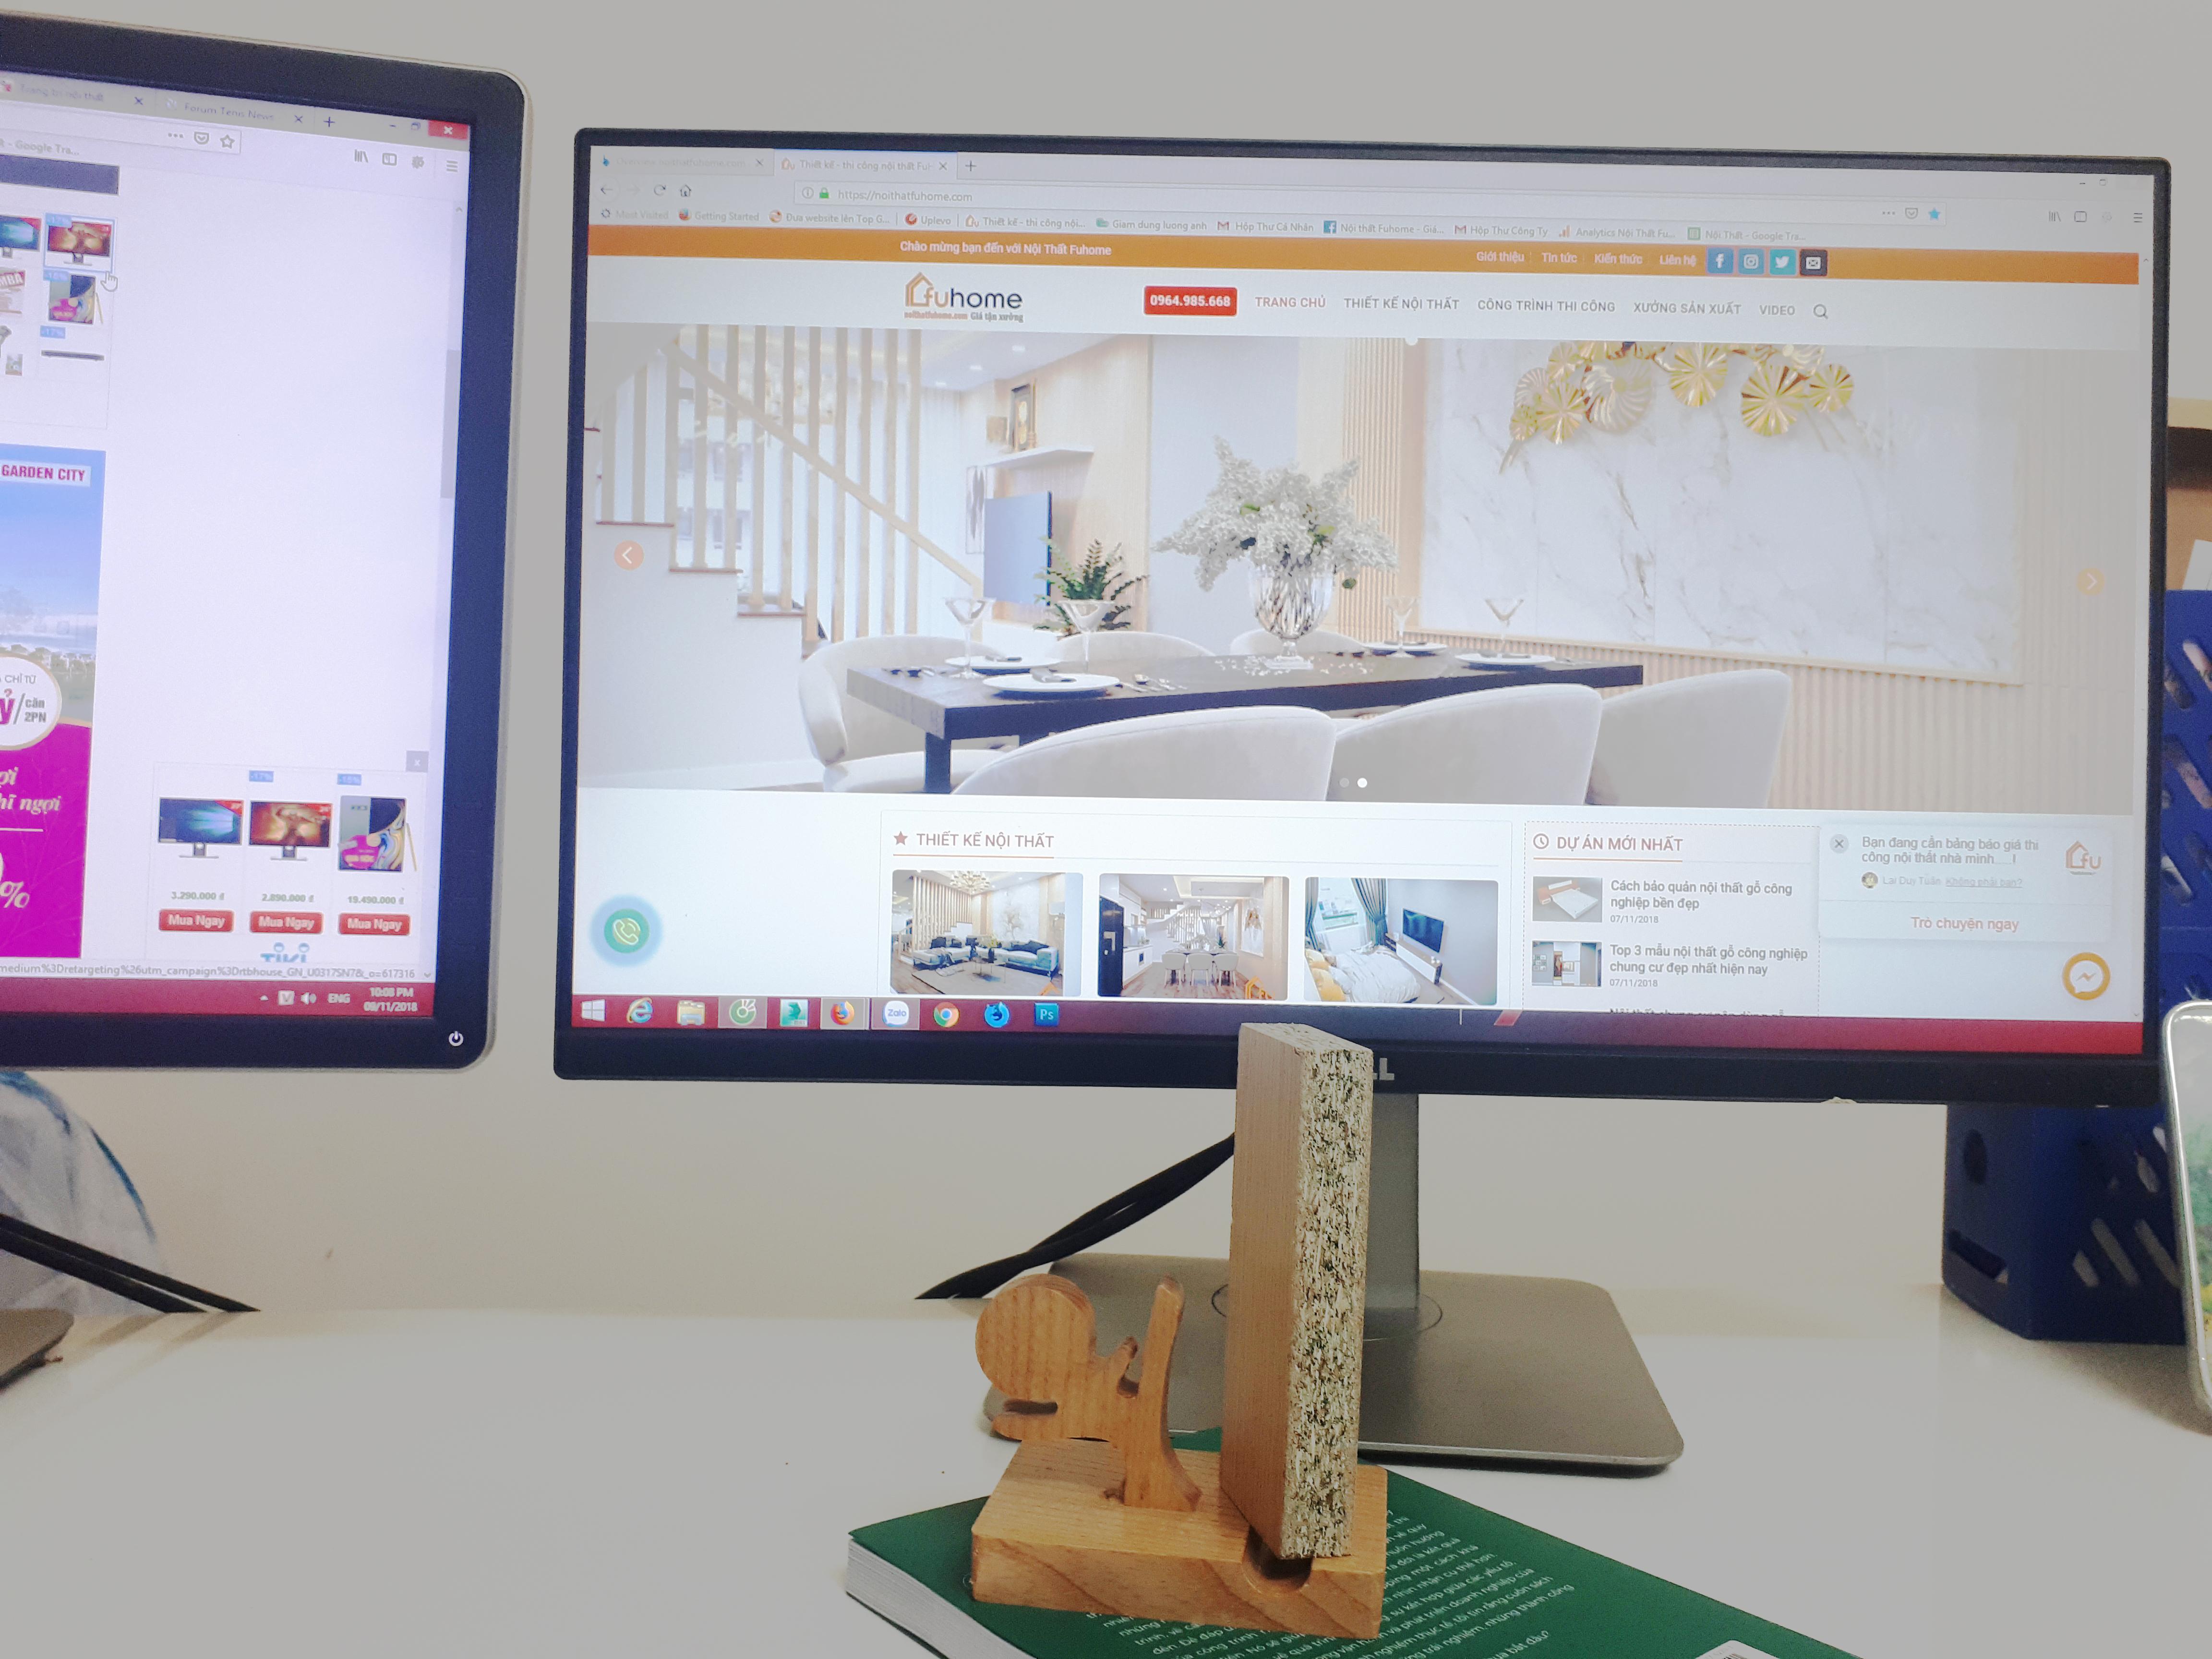 Ưu điểm gỗ công nghiệp khi làm nội thất chung cư